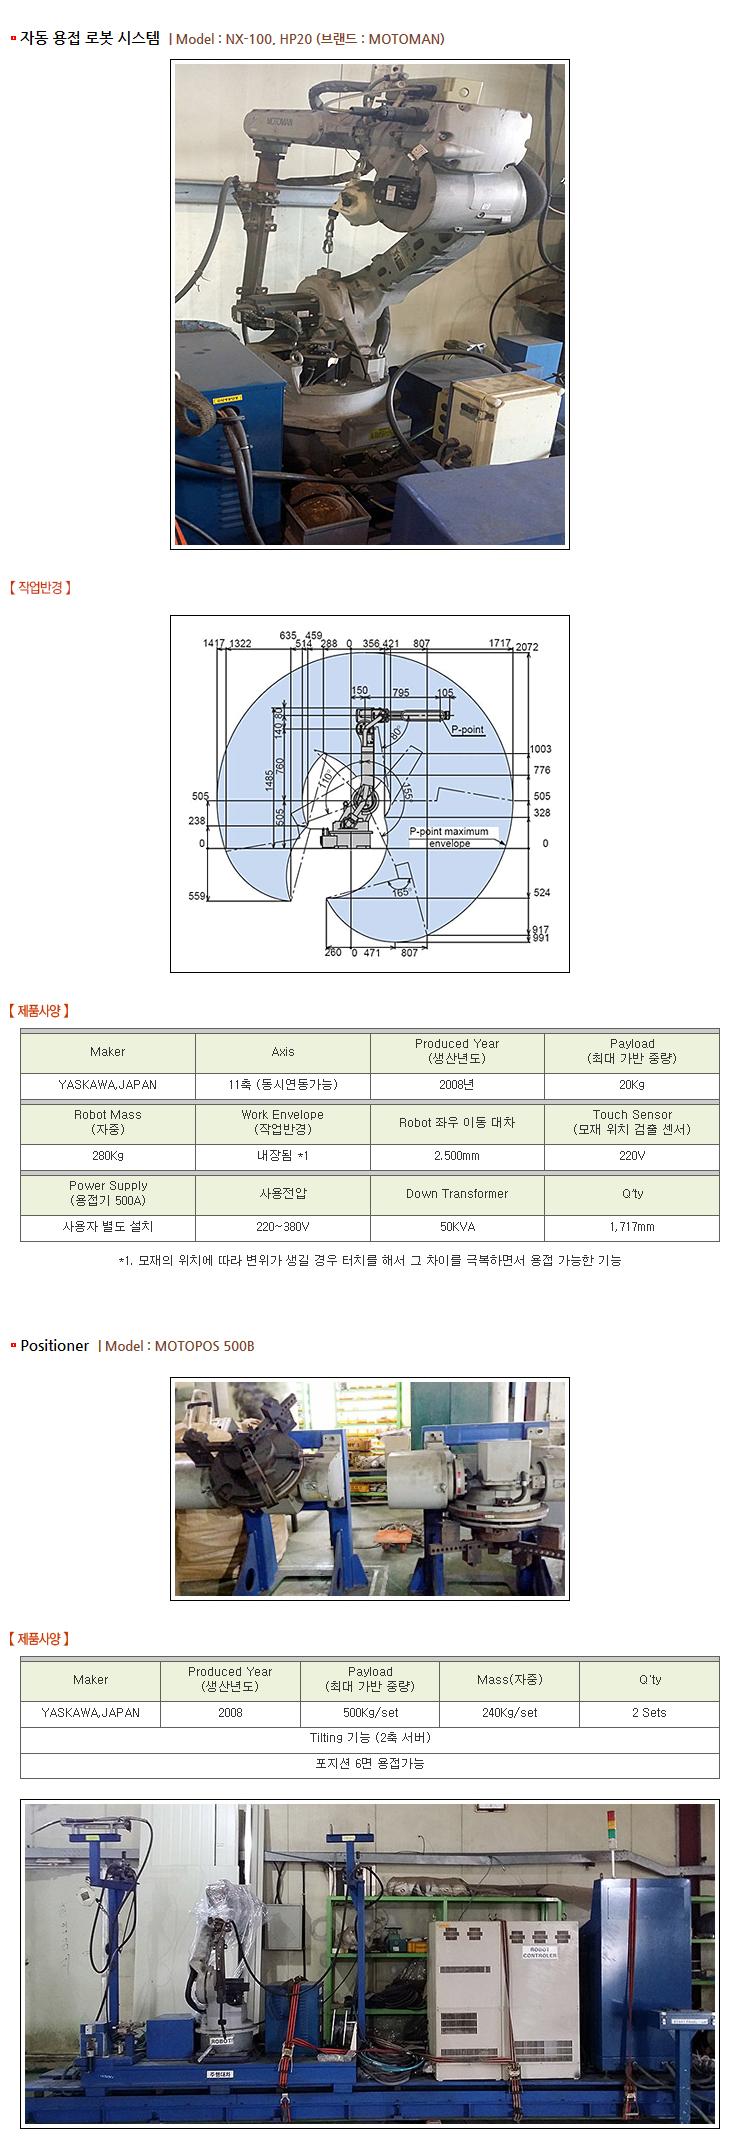 신화기술 자동 용접 로봇 시스템 및 Positioner NX-100, HP20